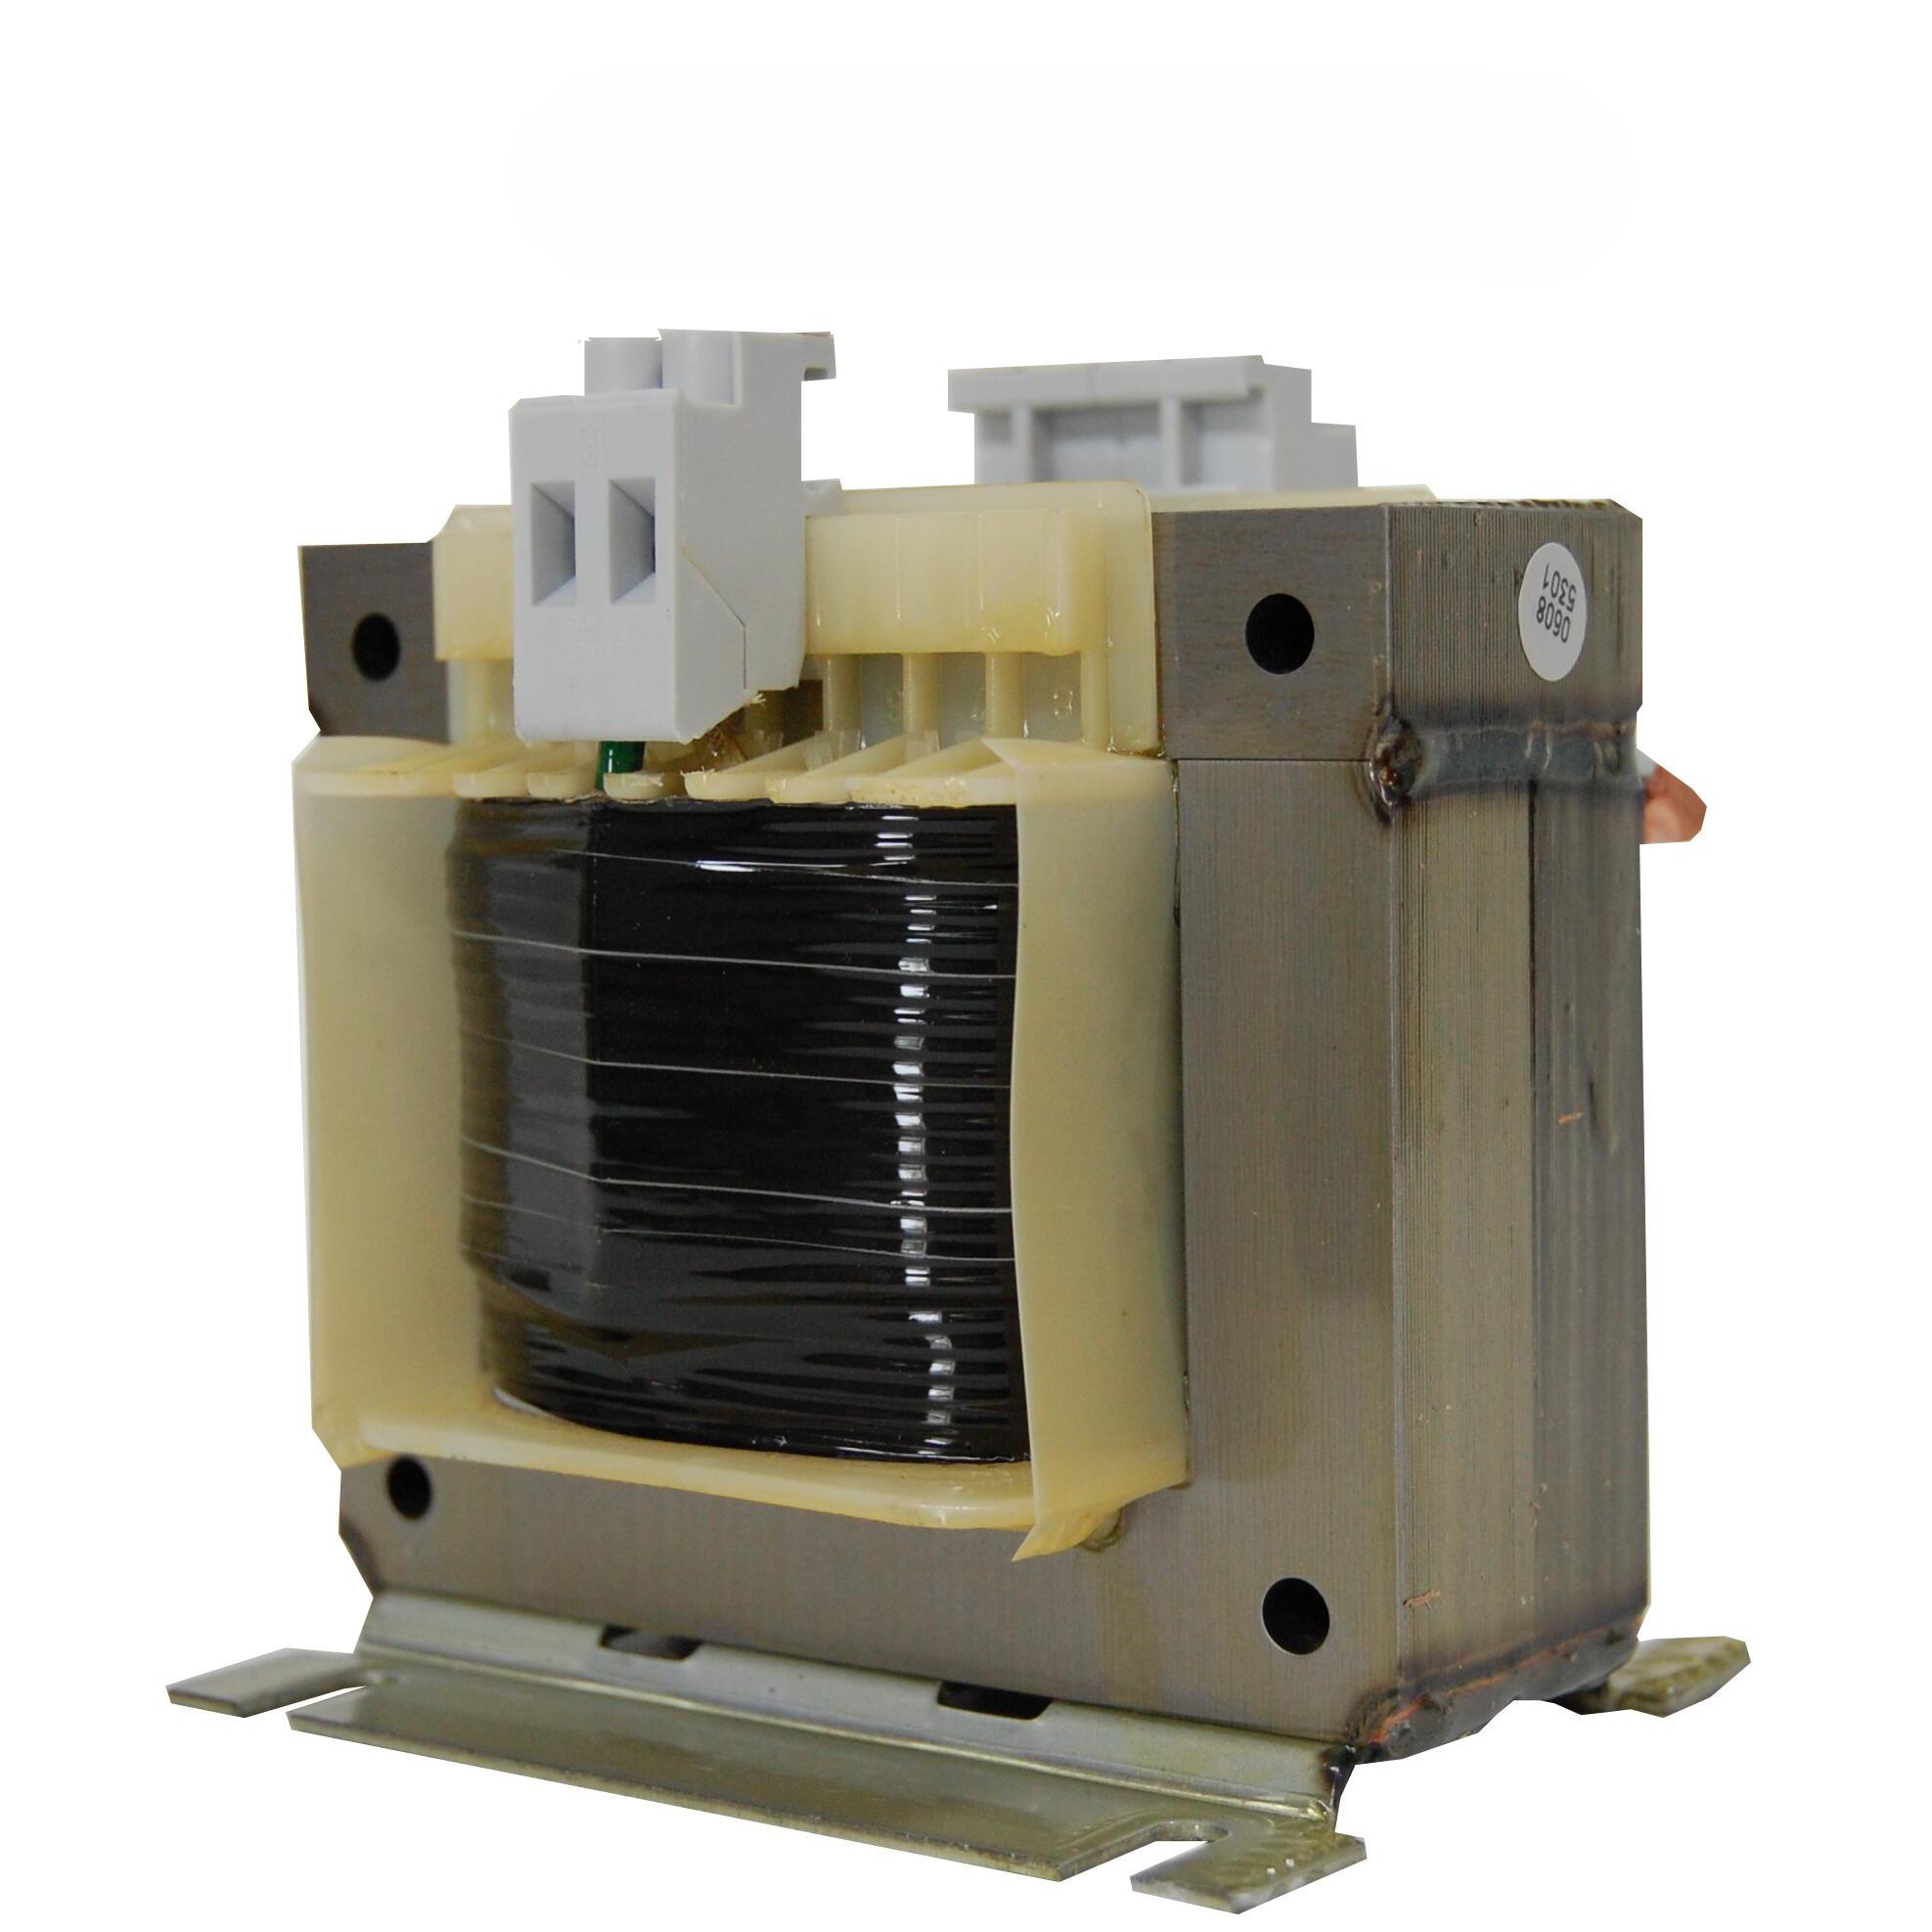 1 Stk Einphasen Steuertransformator 400/230V, 800VA, IP00 LP604080T-